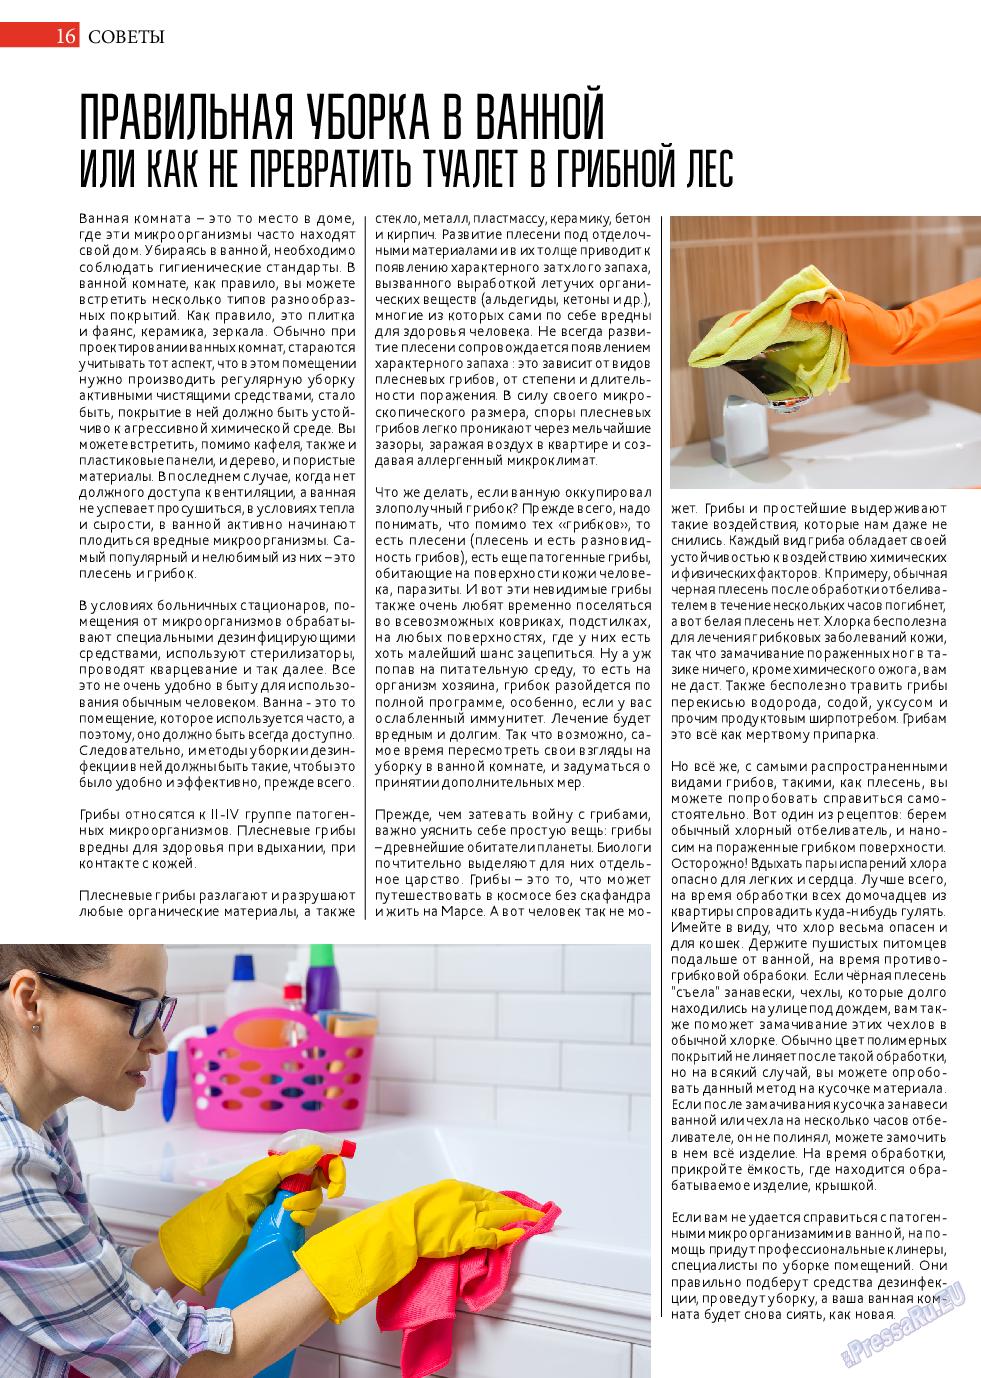 Афиша Augsburg (журнал). 2020 год, номер 5, стр. 16